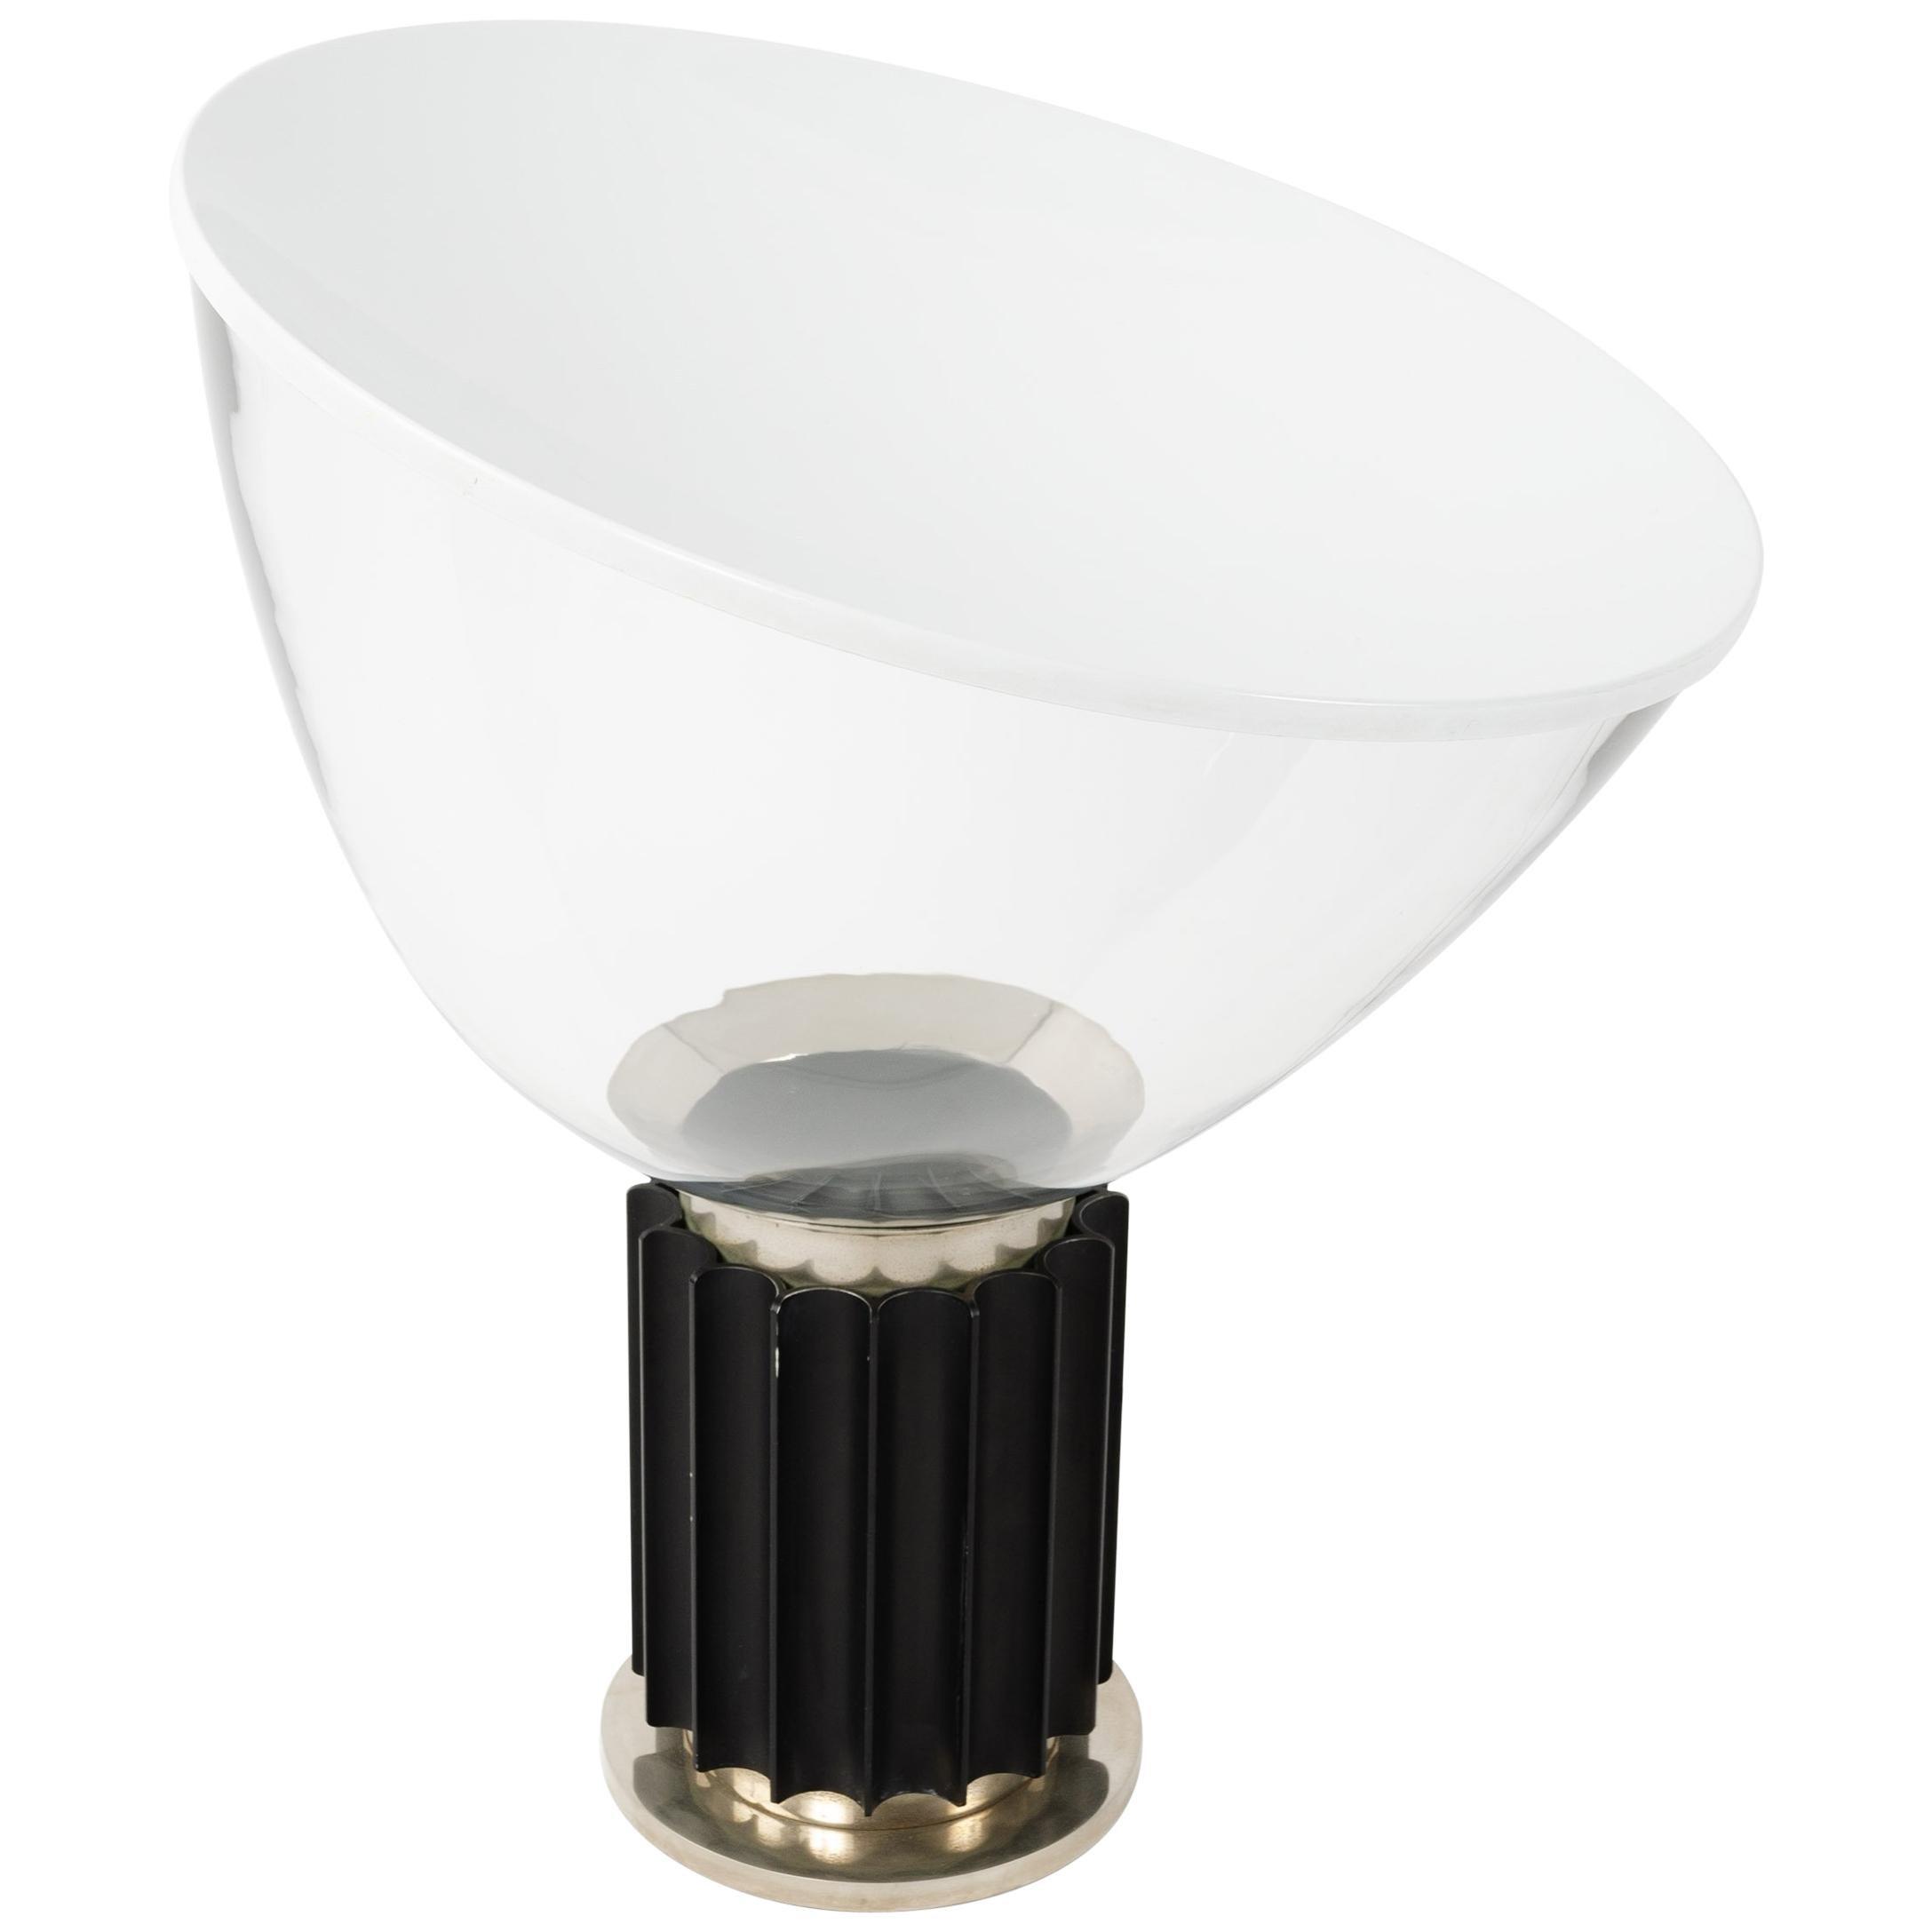 Taccia Lamp by Achille and Pier Giacomo Castiglioni